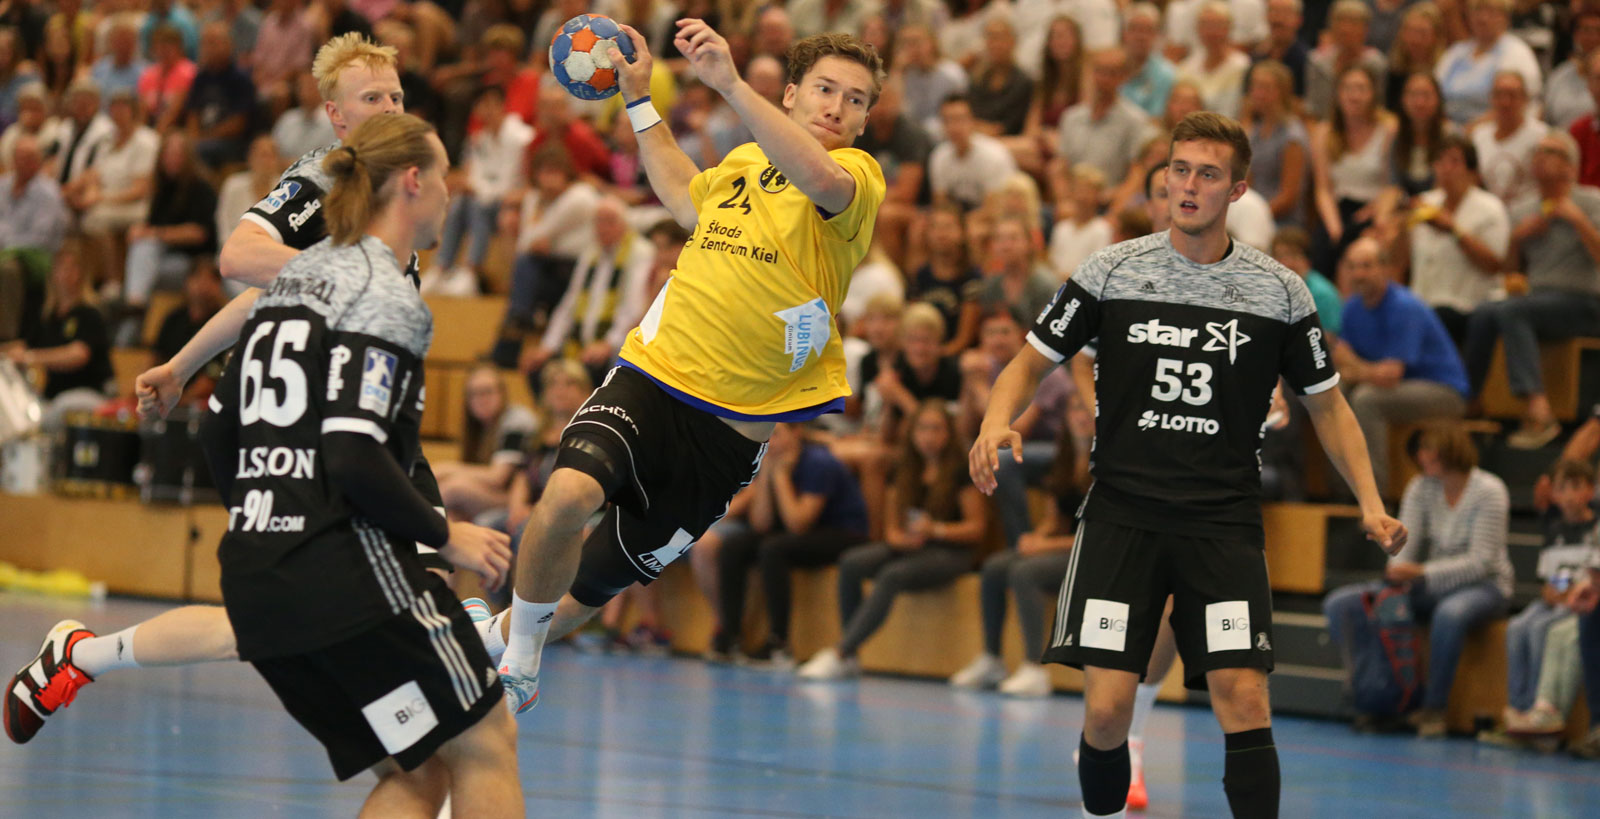 Altenholz Handball